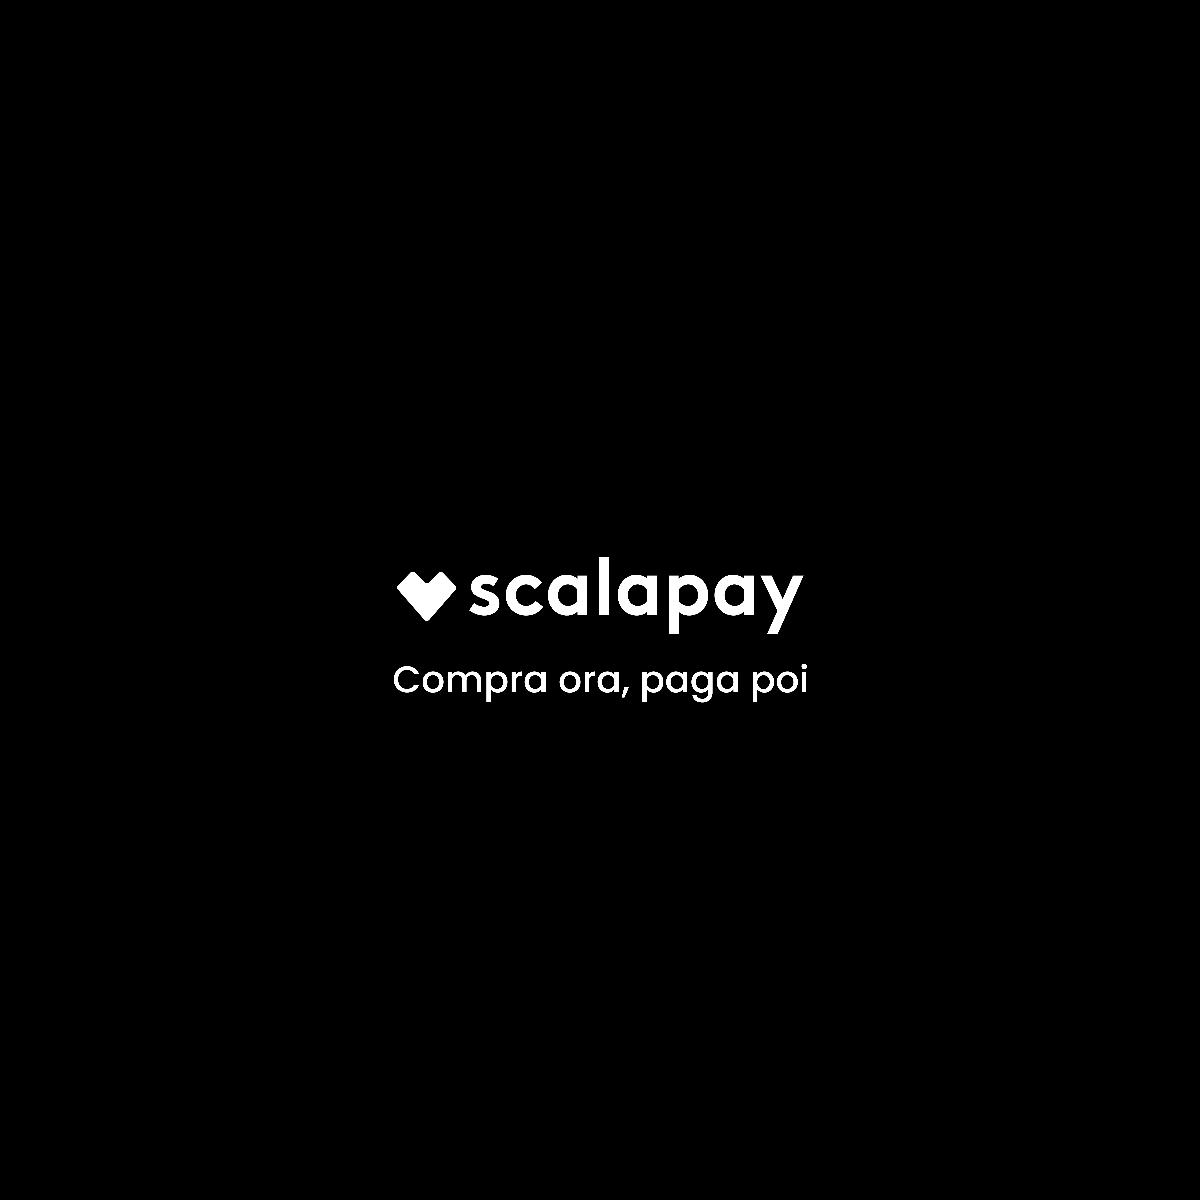 Scalapay - Compra ora, paga poi